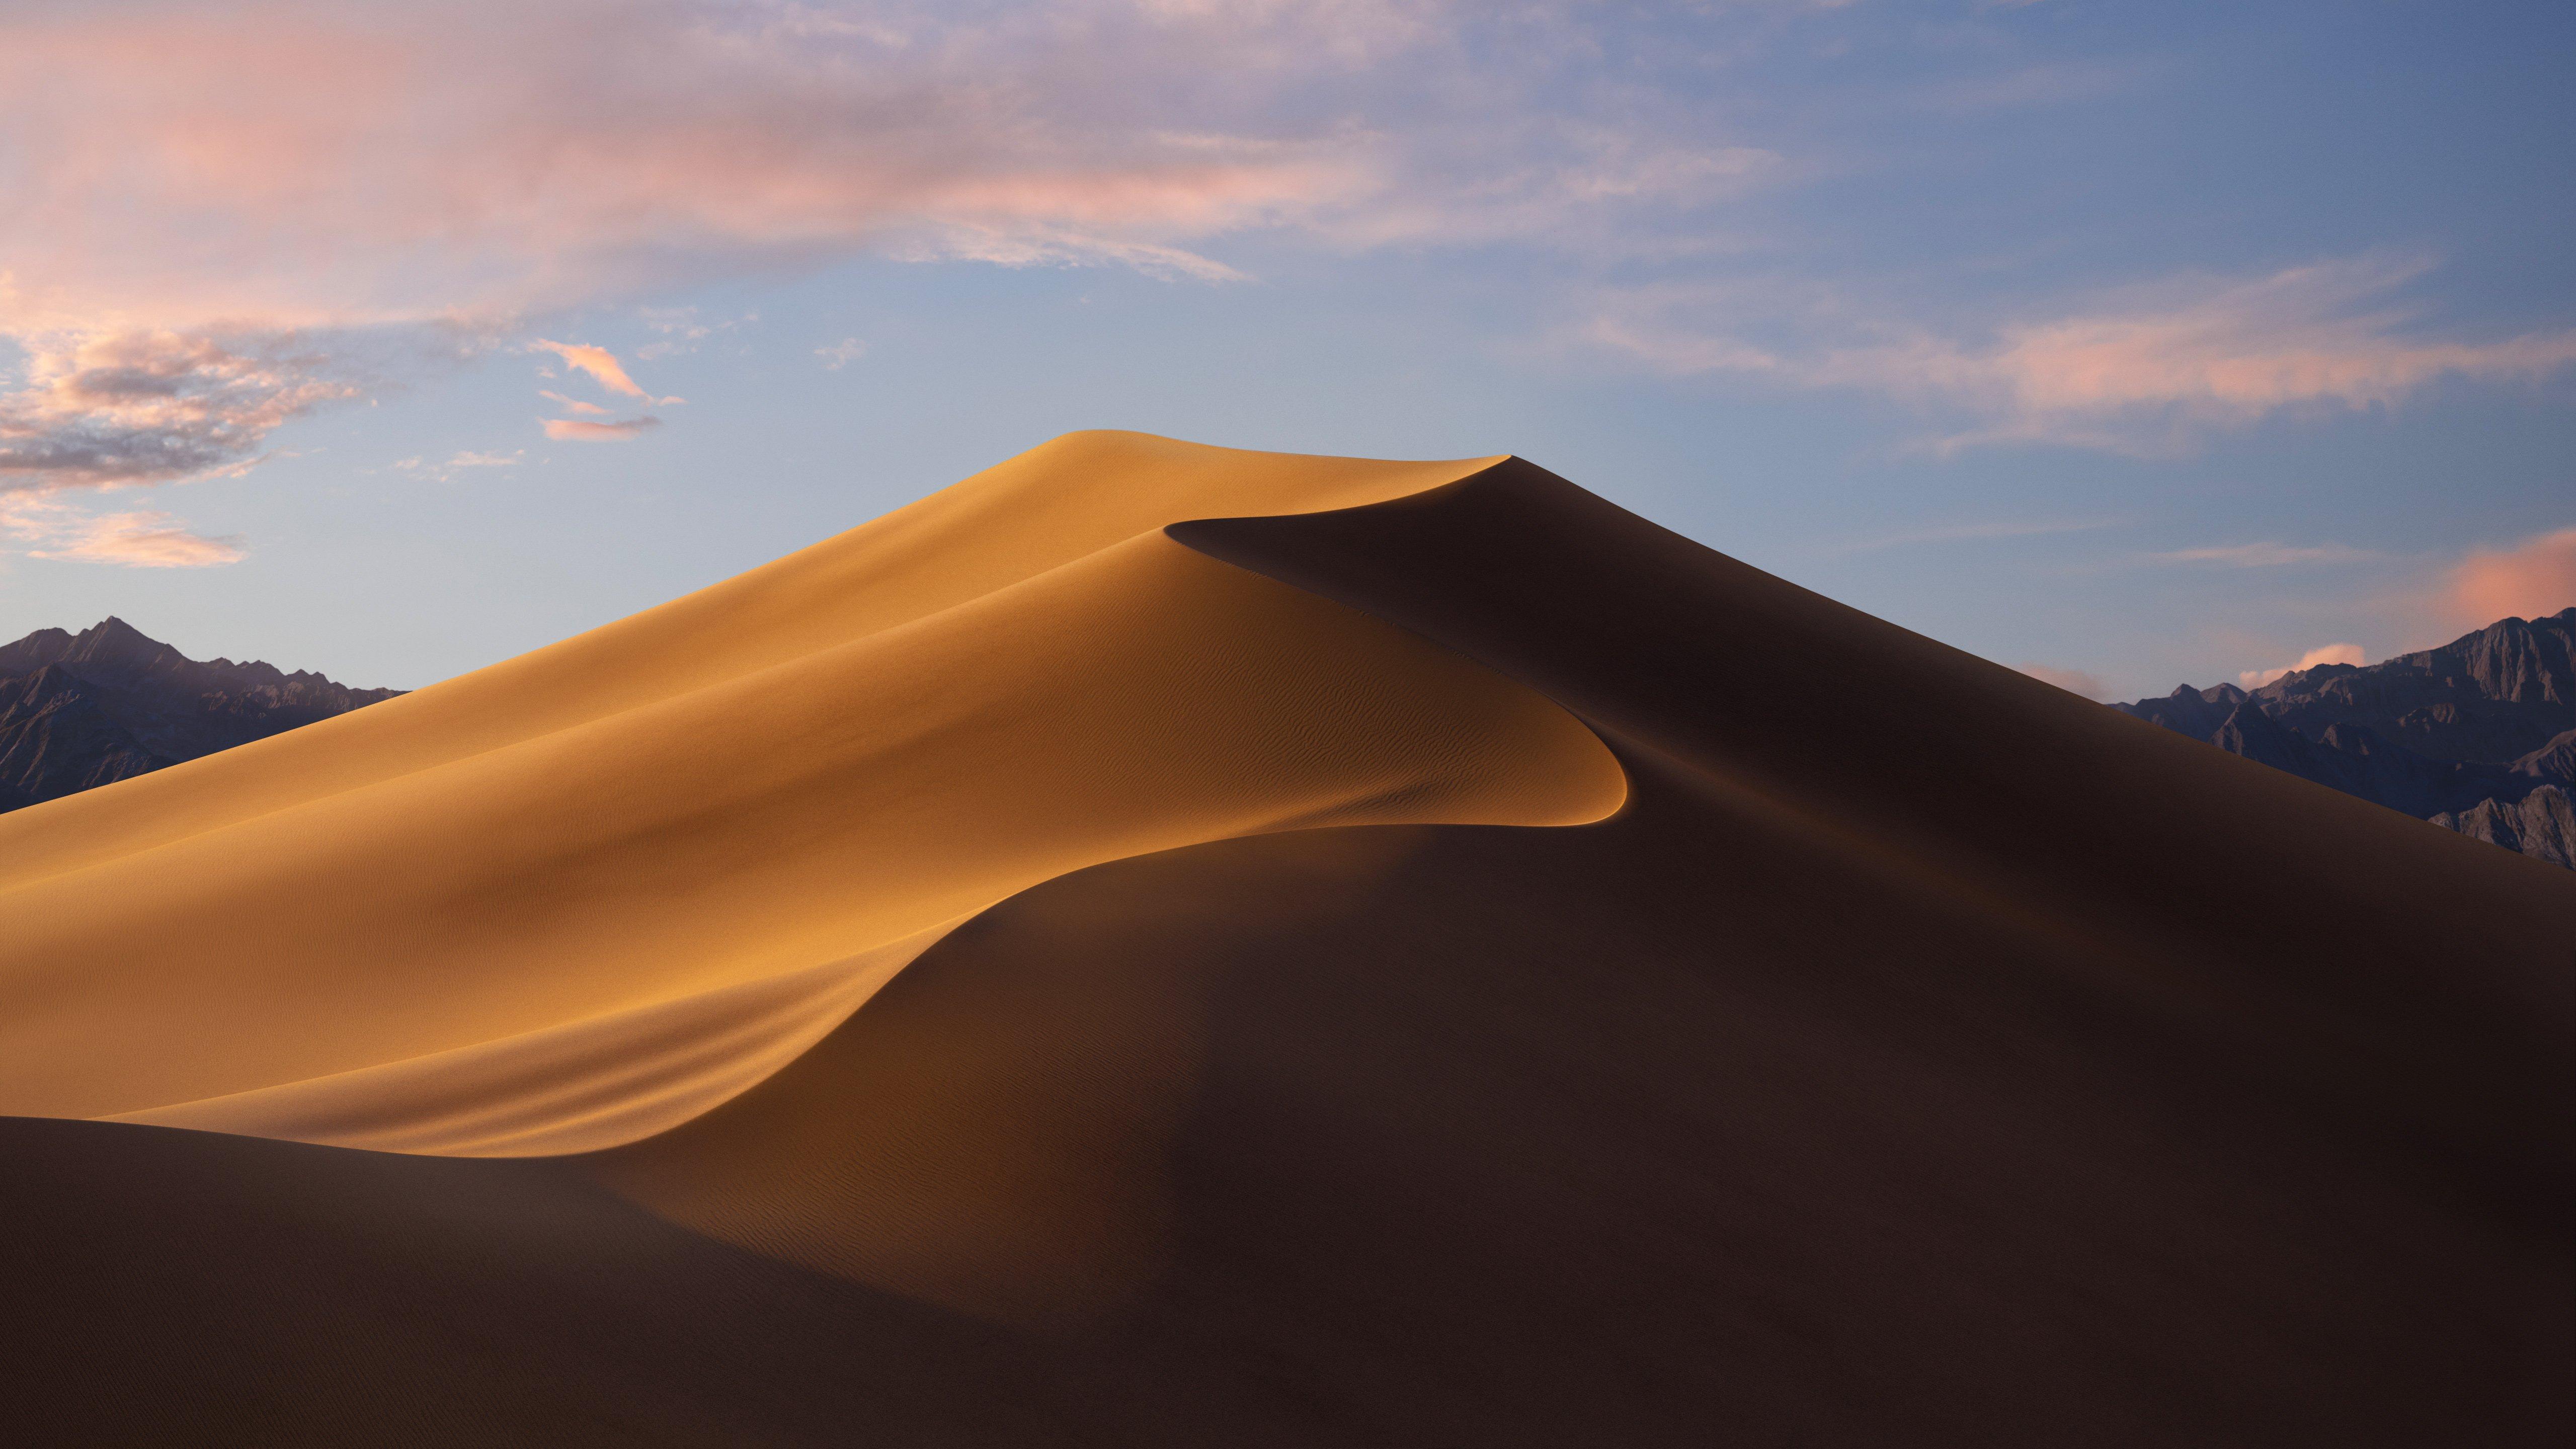 Fondos de pantalla macOS Mojave Modo día